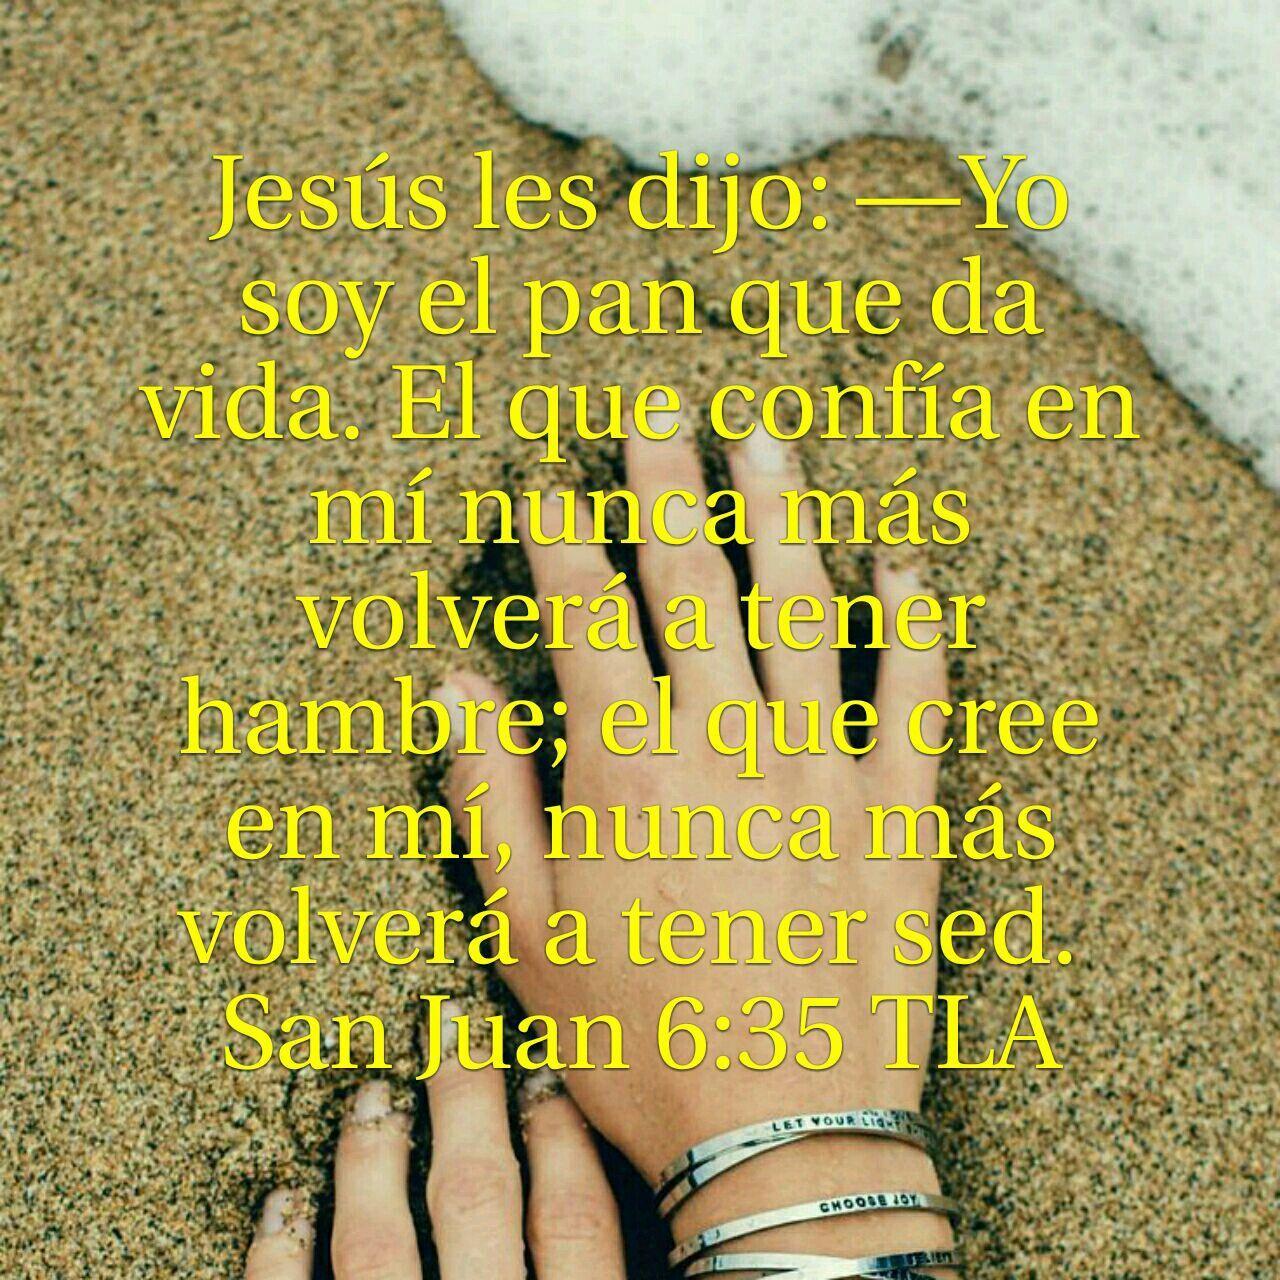 Jesús les dijo: Yo soy el pan que da vida. El que confía en mí nunca más tendra hambre;   Juan 6:35